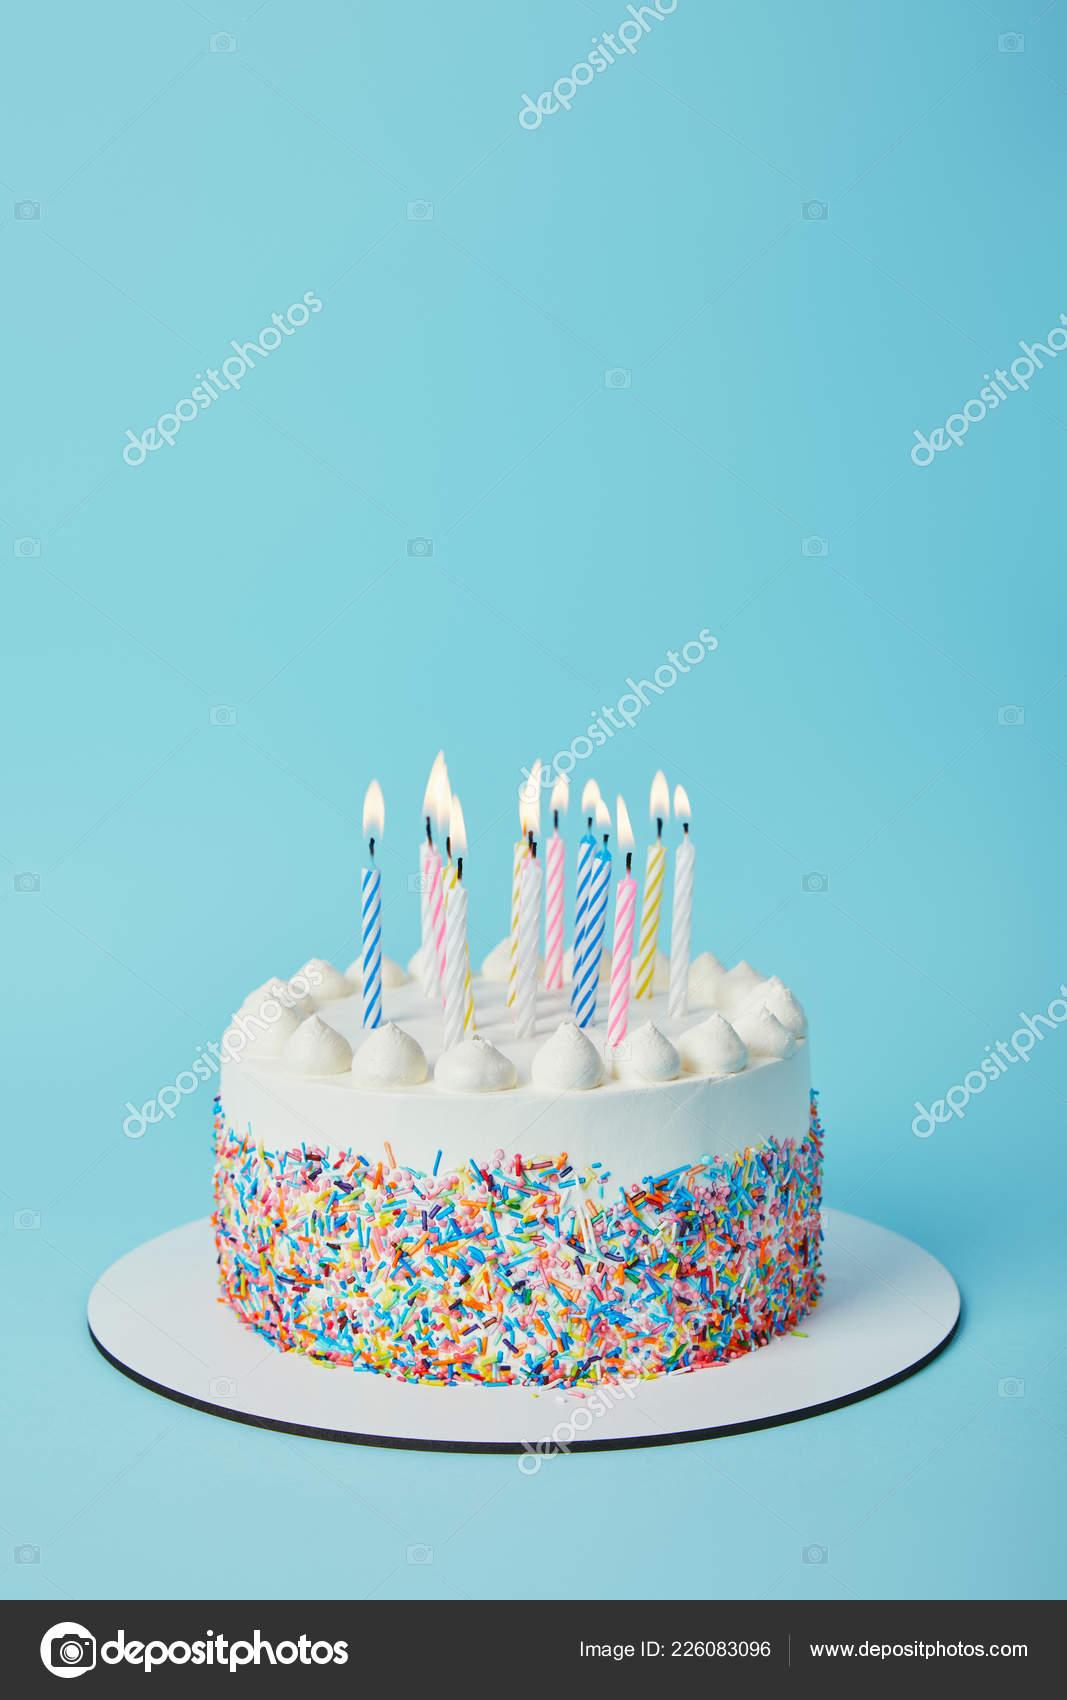 Leckere Geburtstagstorte Mit Anzunden Von Kerzen Auf Blauem Hintergrund Stockfoto